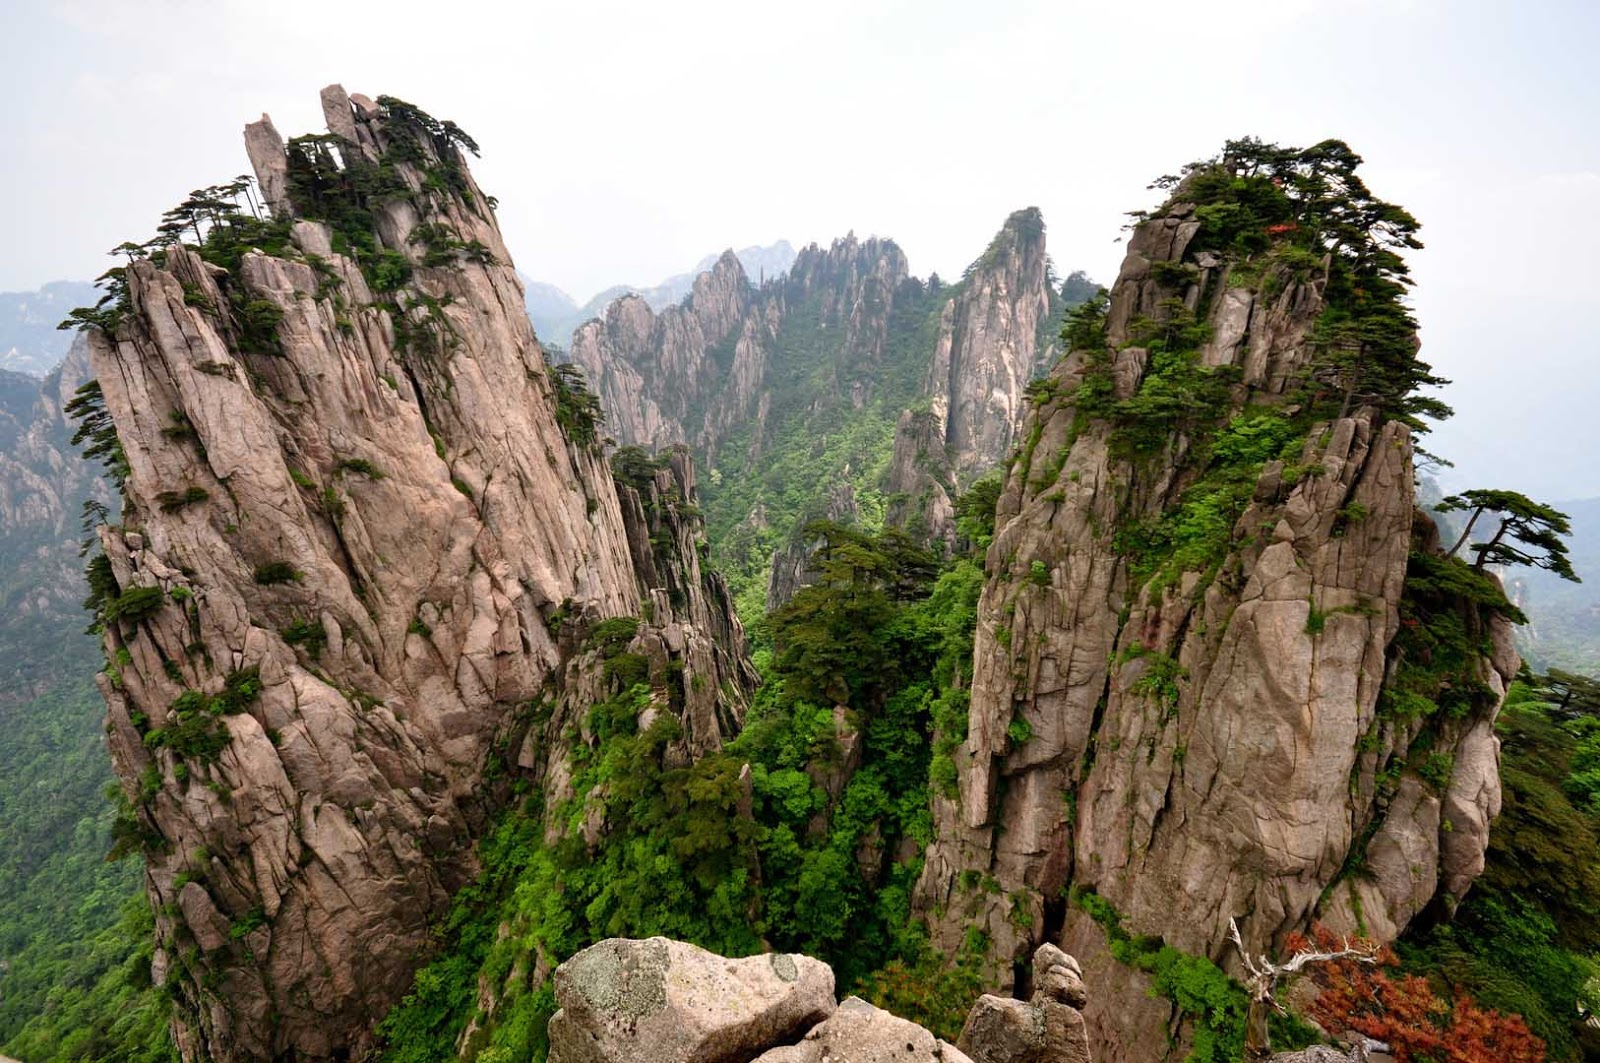 Huangshan China  city photos gallery : Zé Viagem: Parque das Montanhas Huangshan China